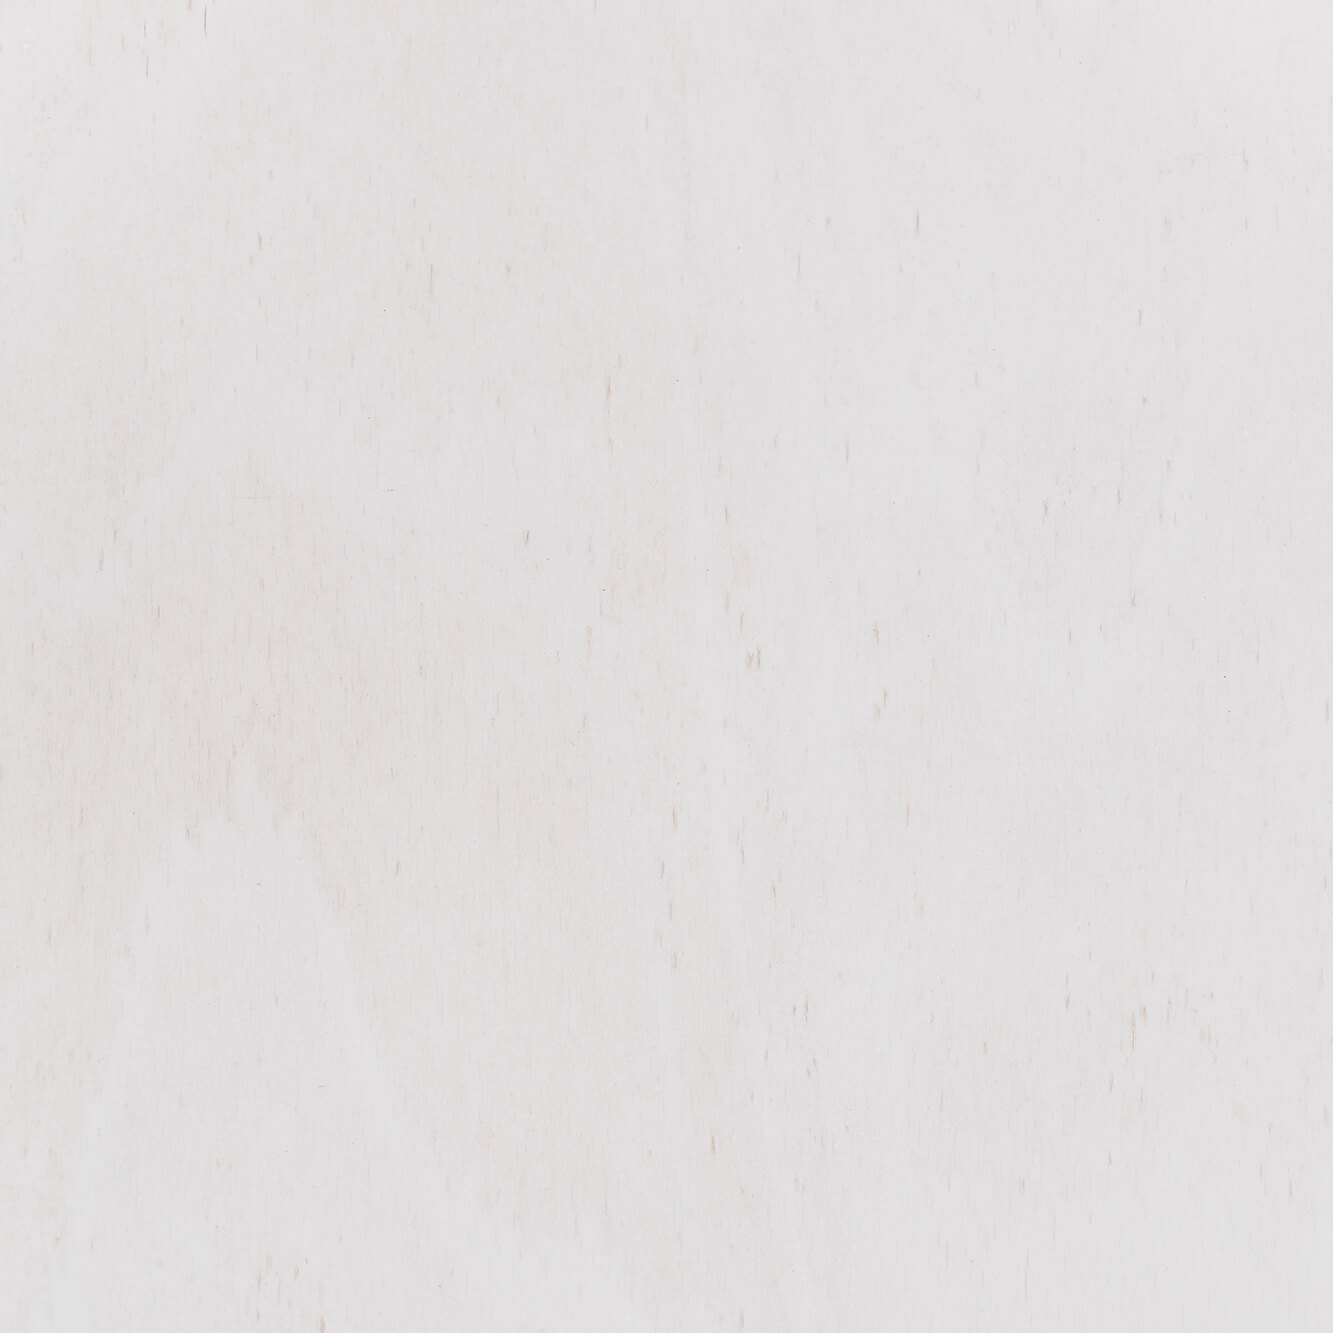 Anilina bianco - LAMM